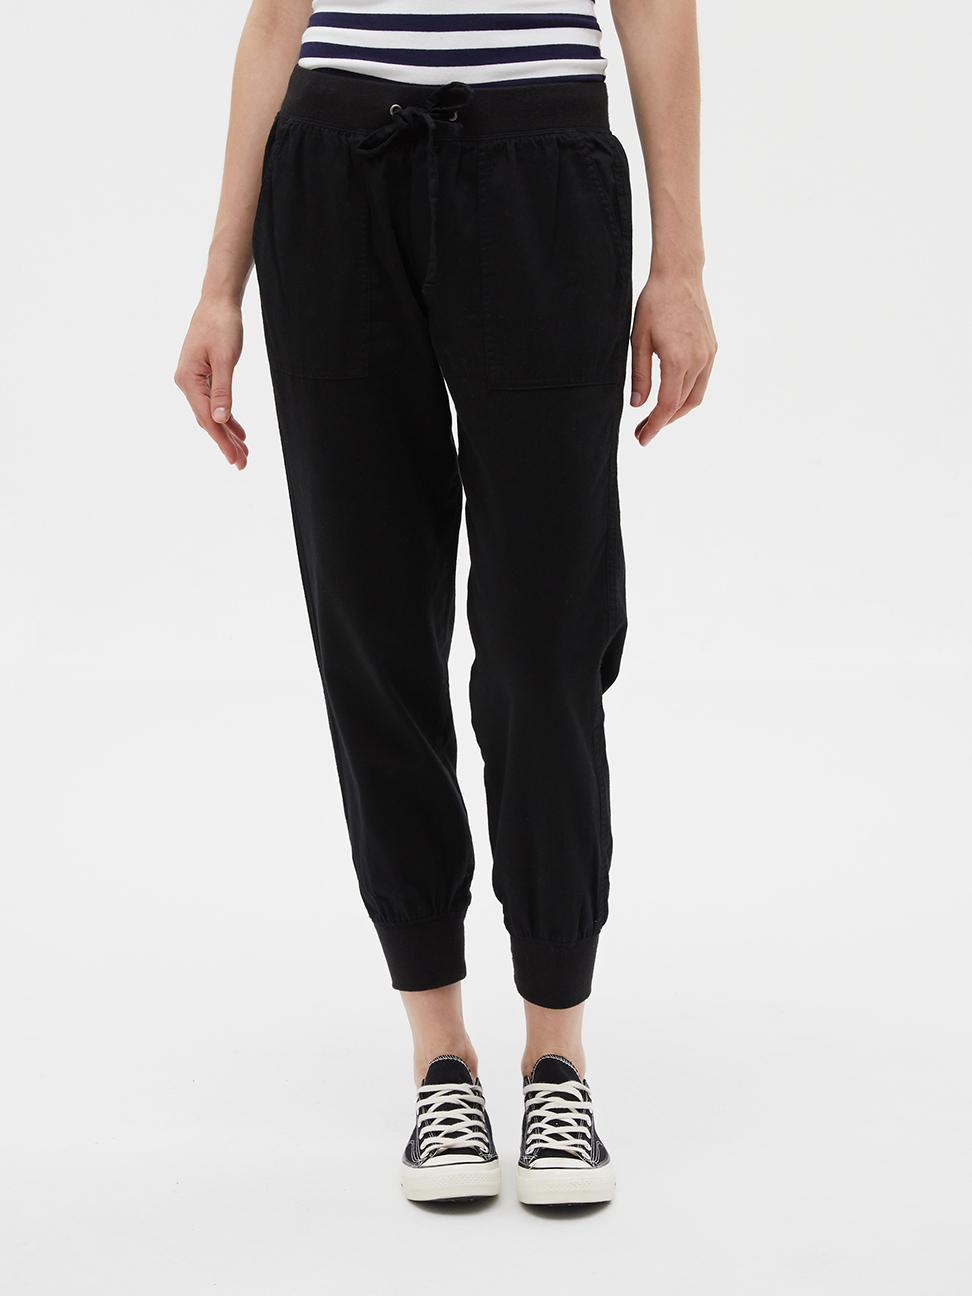 女裝 棉質純色鬆緊寬鬆休閒褲